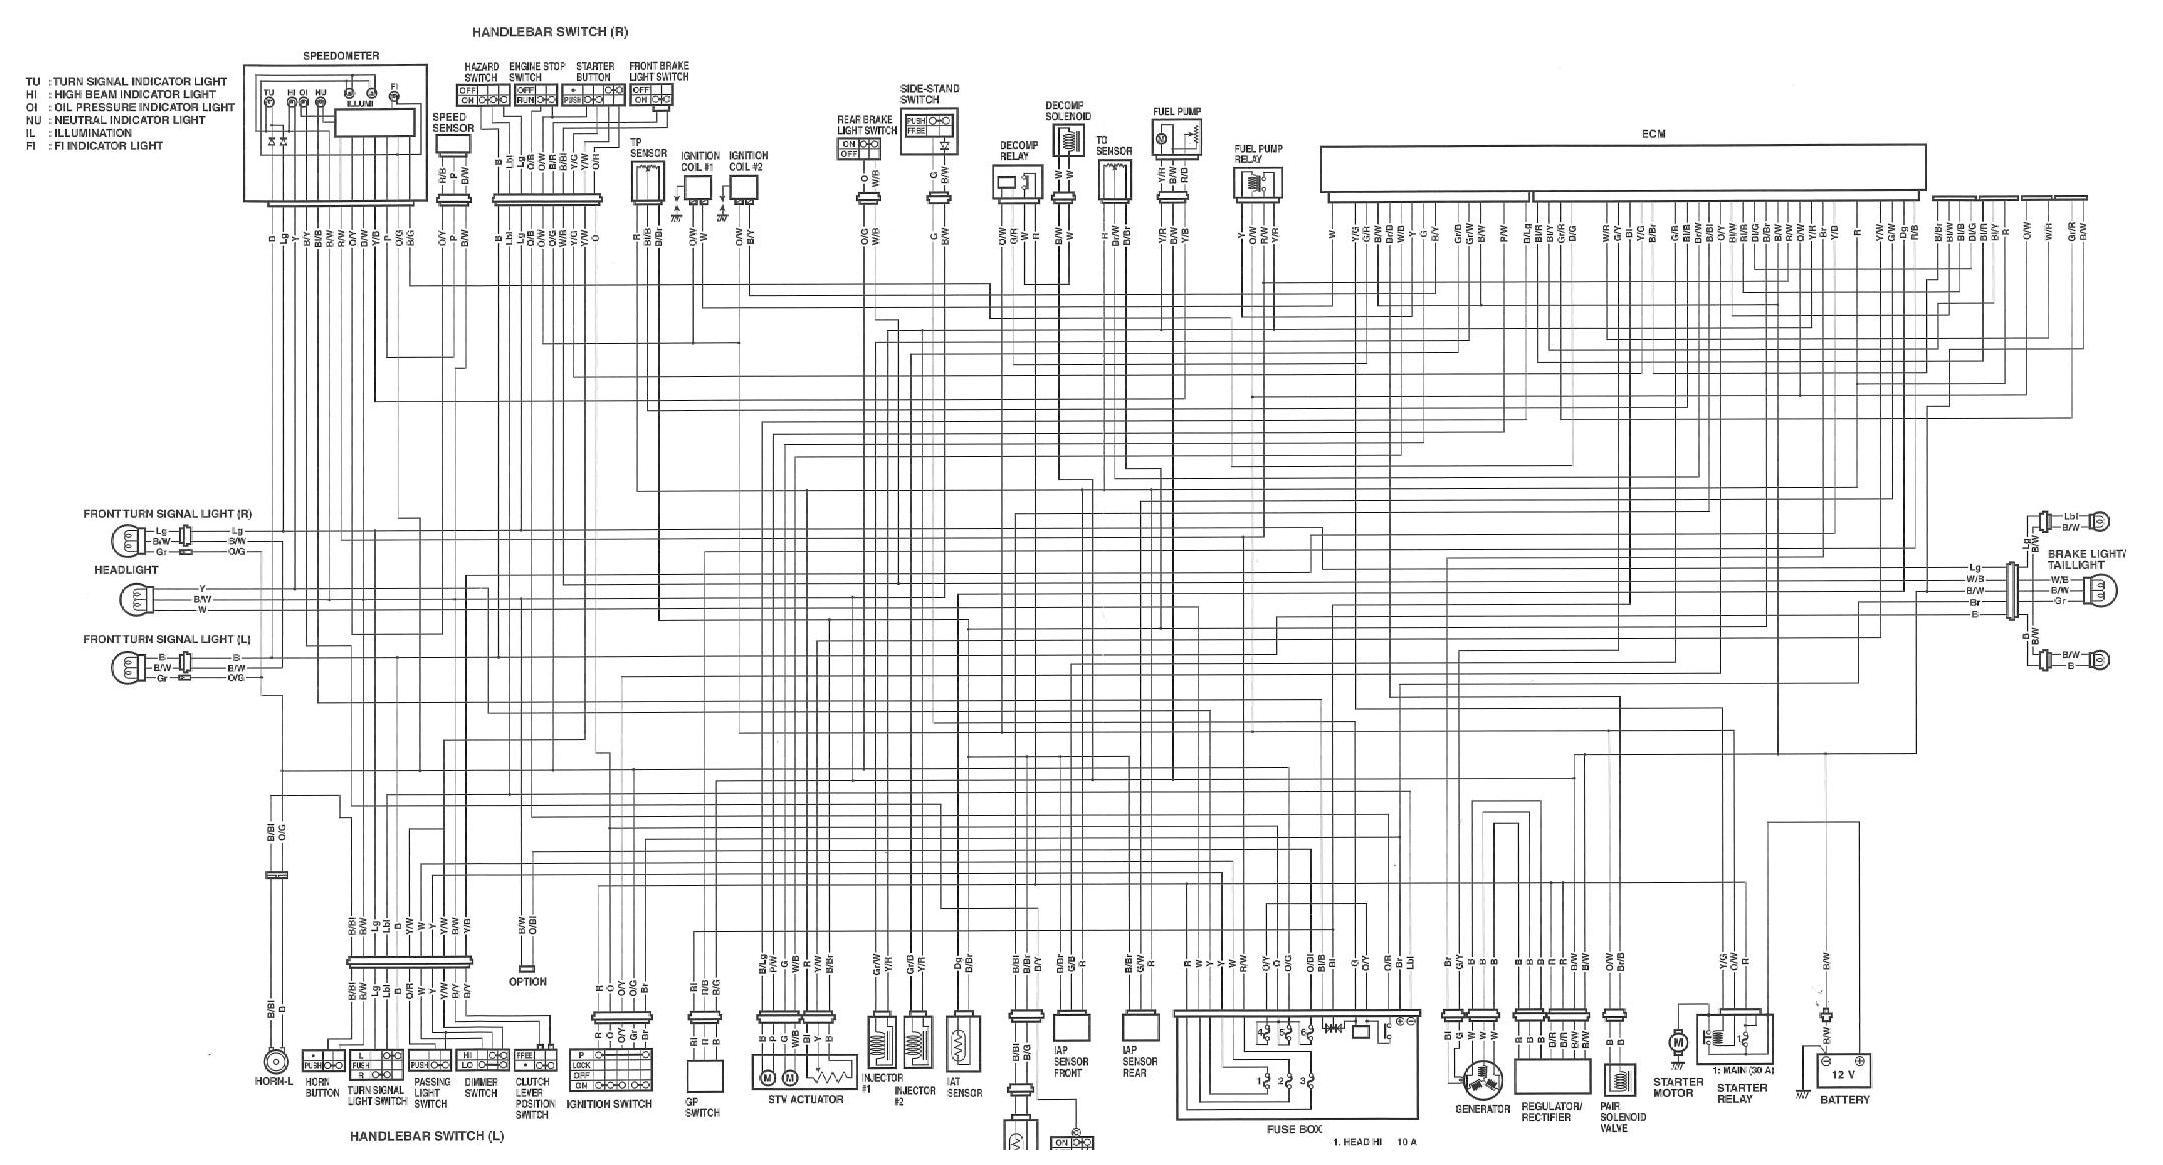 2009 suzuki m50 wiring diagram wiring diagram rh w34 woonaccentbreda nl 2008 suzuki m50 wiring diagram